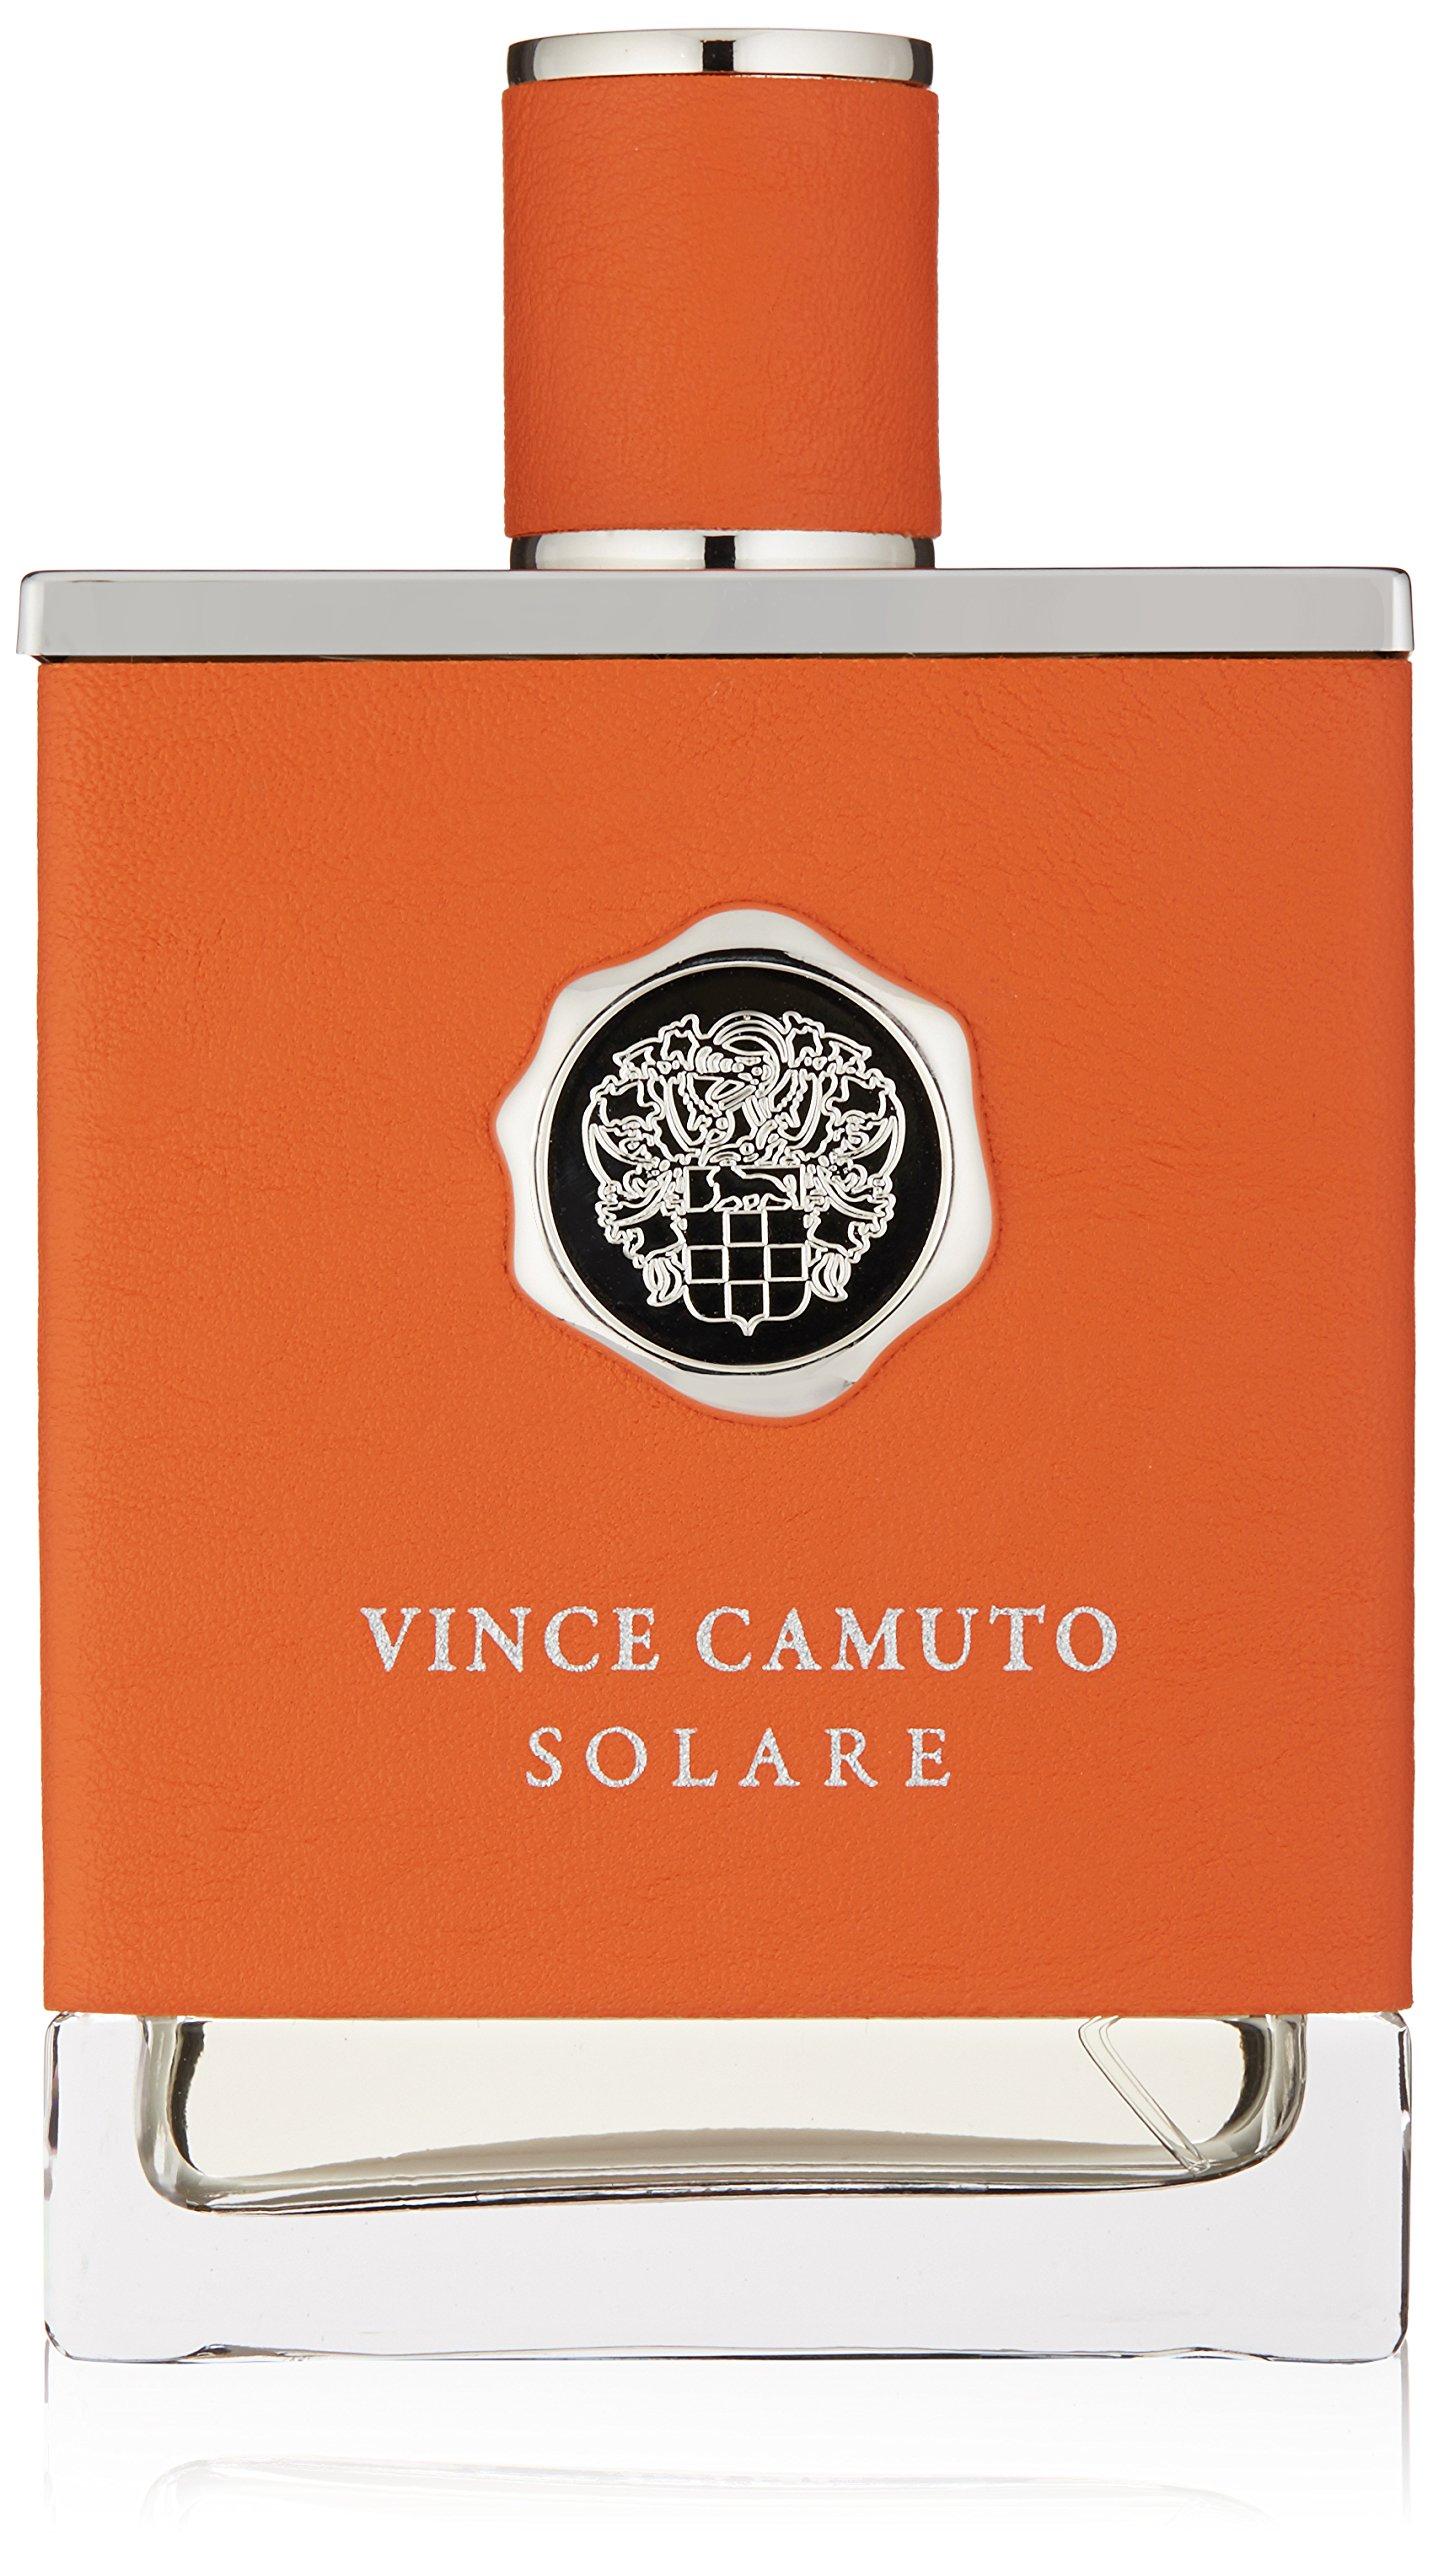 Vince Camuto Eau de Toilette Spray For Men, Solare, 6.7 oz